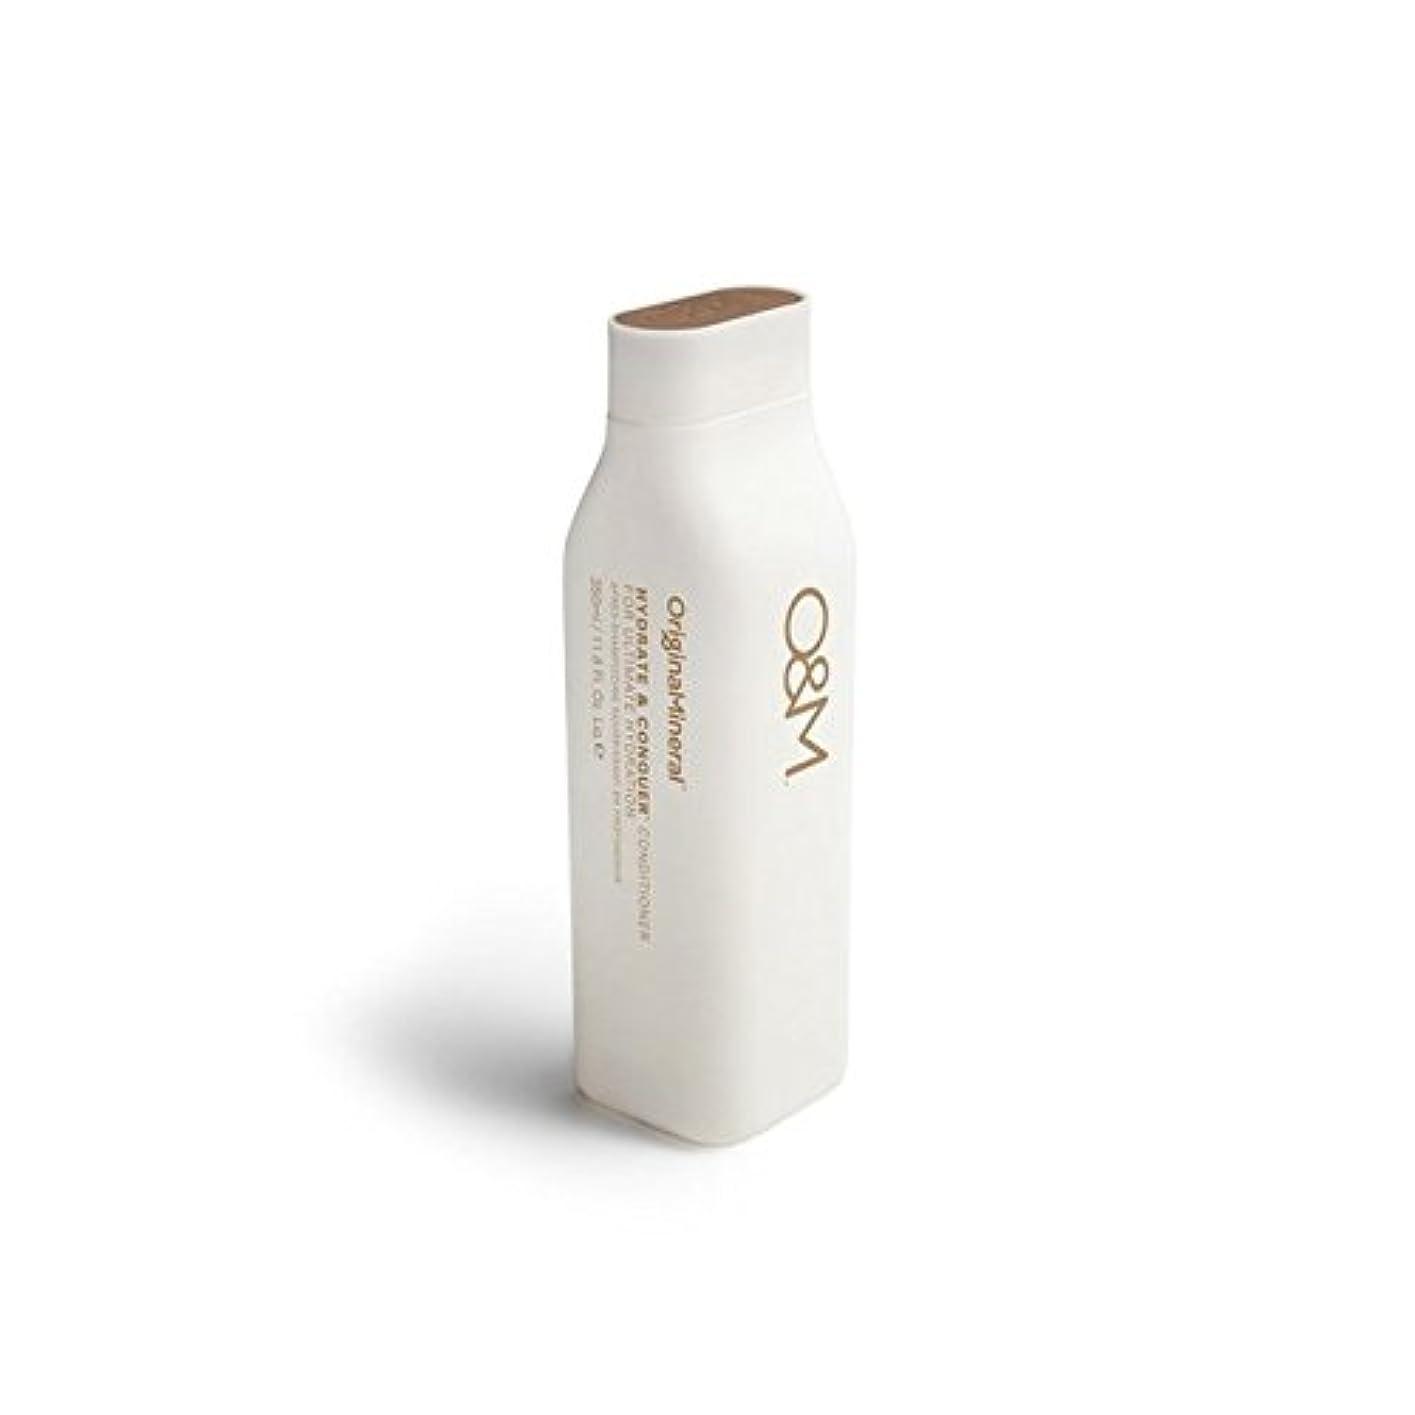 中庭疑わしい失礼なOriginal & Mineral Hydrate And Conquer Conditioner (350ml) - オリジナル&ミネラル水和物及びコンディショナー(350ミリリットル)を征服 [並行輸入品]